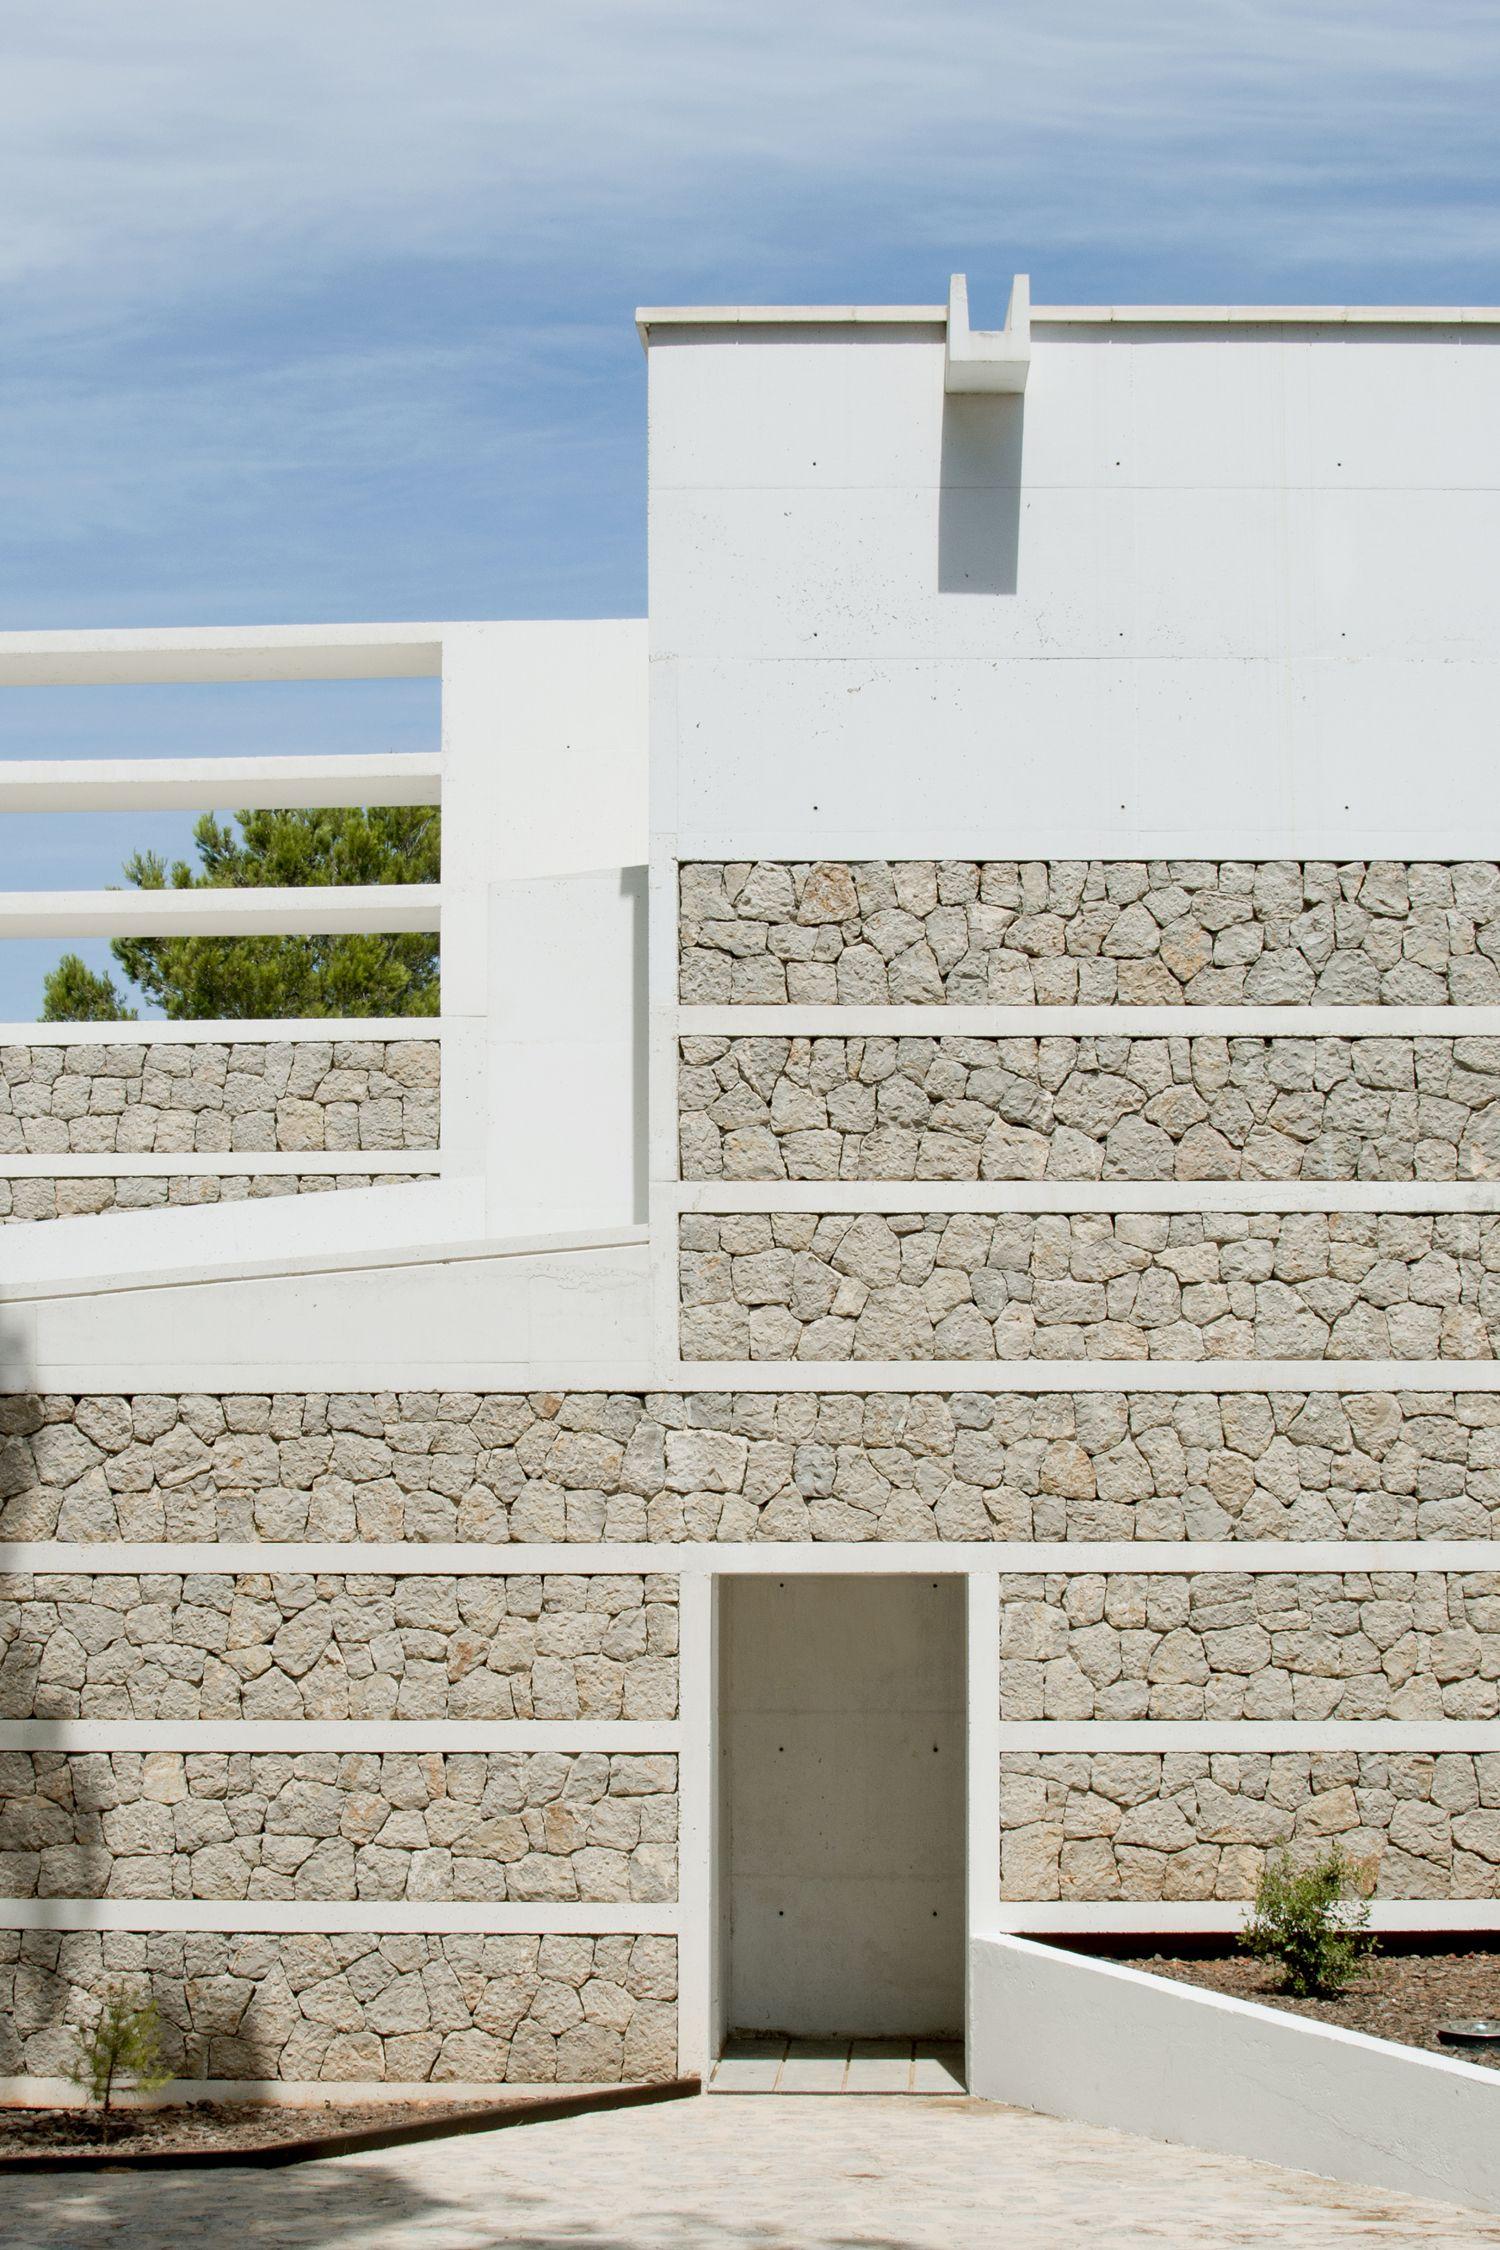 Casa En Ibiza De Jaime Serra Arquitectos Arquitectura  # Muebles Sequeira Plasencia